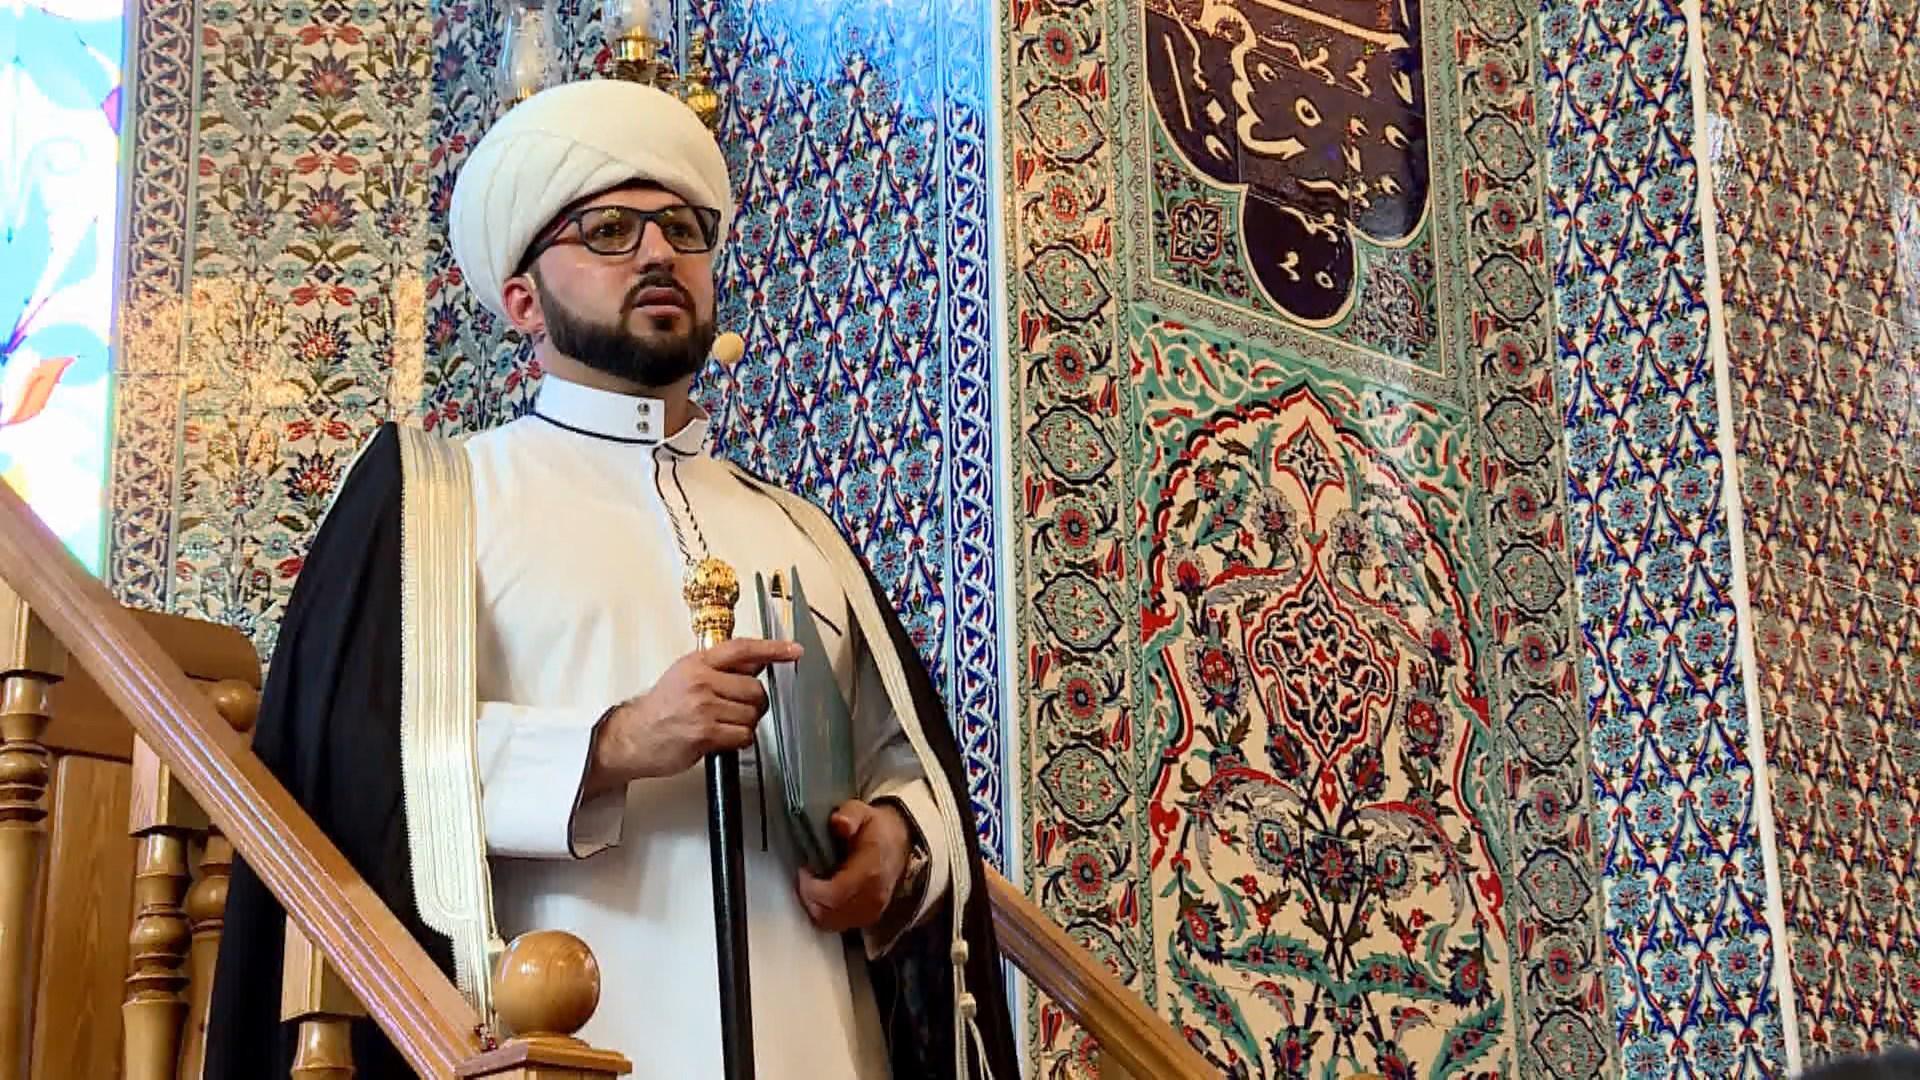 Сегодня костромские мусульмане отмечают один из главных праздников — Курбан-байрам